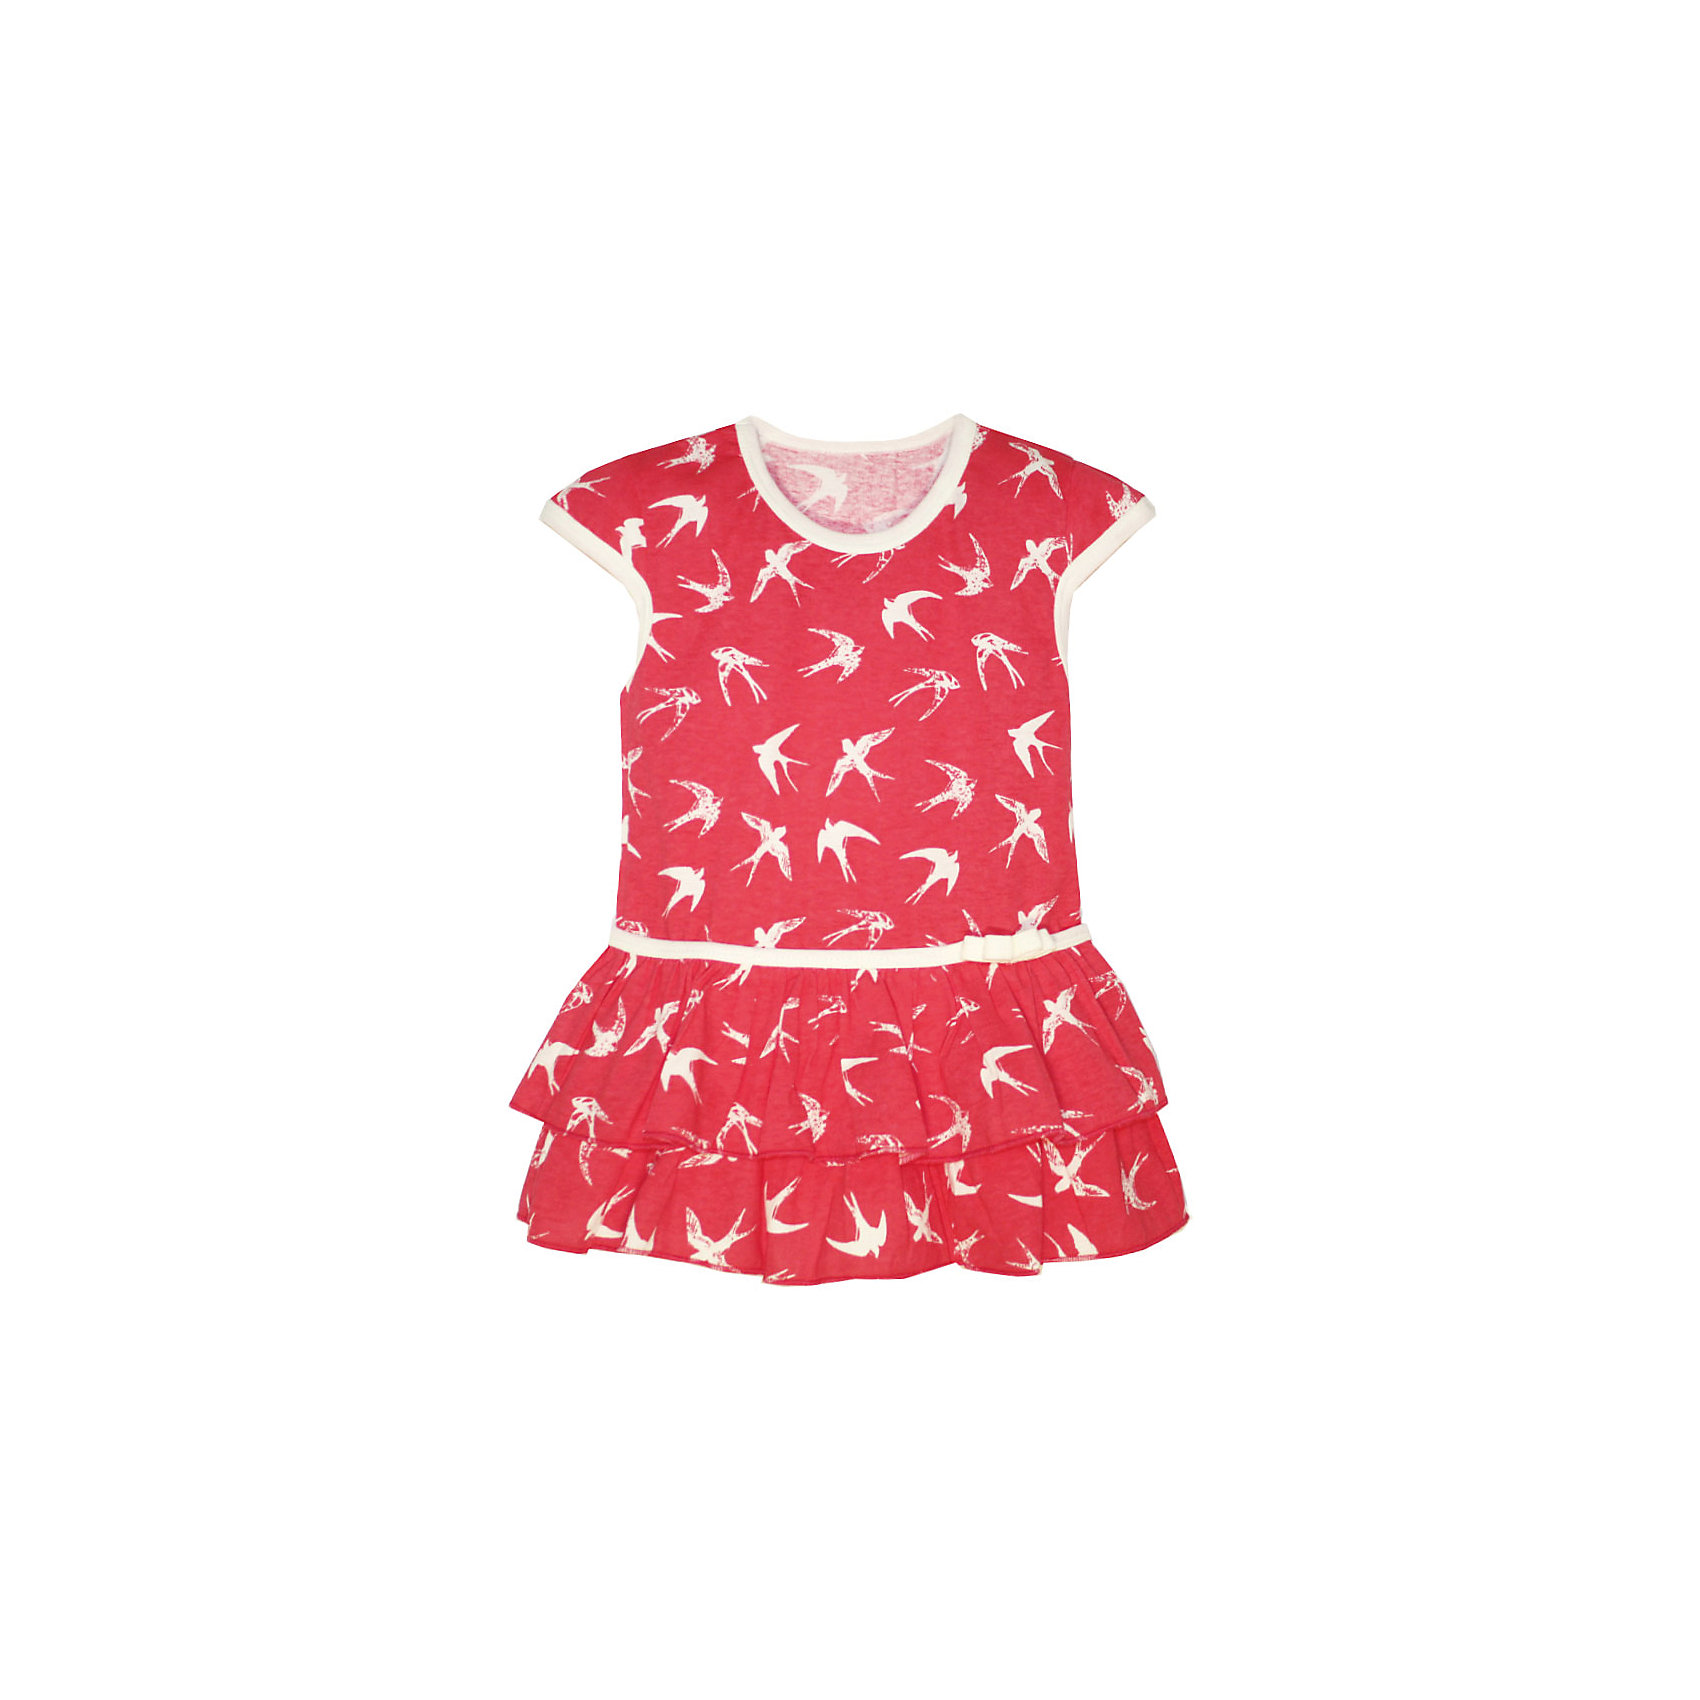 Платье для девочки KotMarKotПлатья и сарафаны<br>Платье для девочки KotMarKot<br>Состав:<br>100% хлопок<br><br>Ширина мм: 236<br>Глубина мм: 16<br>Высота мм: 184<br>Вес г: 177<br>Цвет: розовый<br>Возраст от месяцев: 72<br>Возраст до месяцев: 84<br>Пол: Женский<br>Возраст: Детский<br>Размер: 92,98,104,110,116,122<br>SKU: 6755175